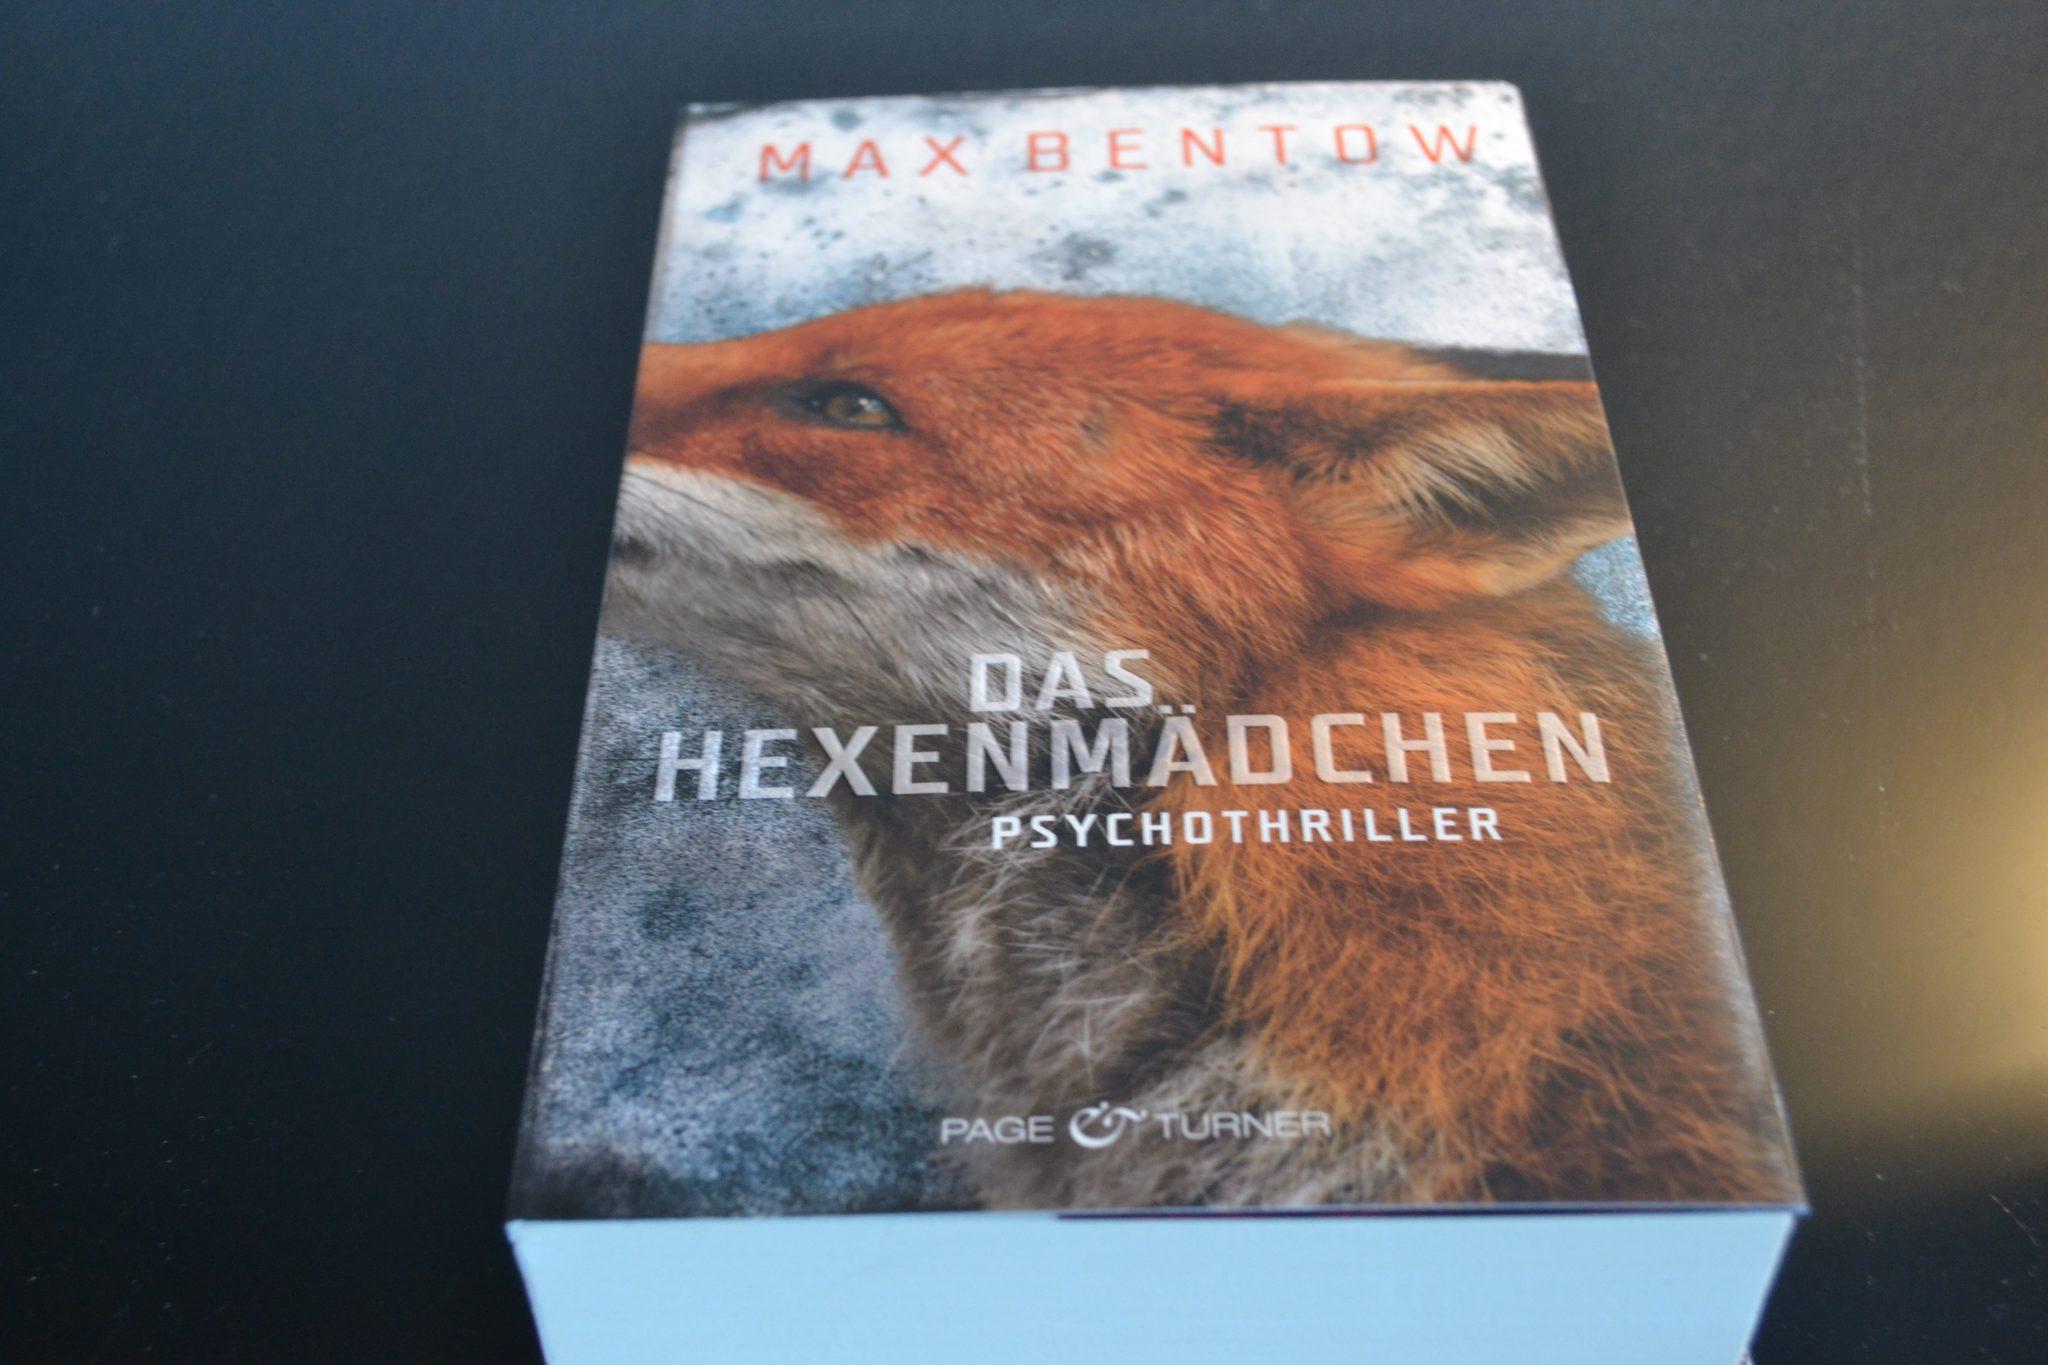 Books: Das Hexenmädchen | Max Bentow